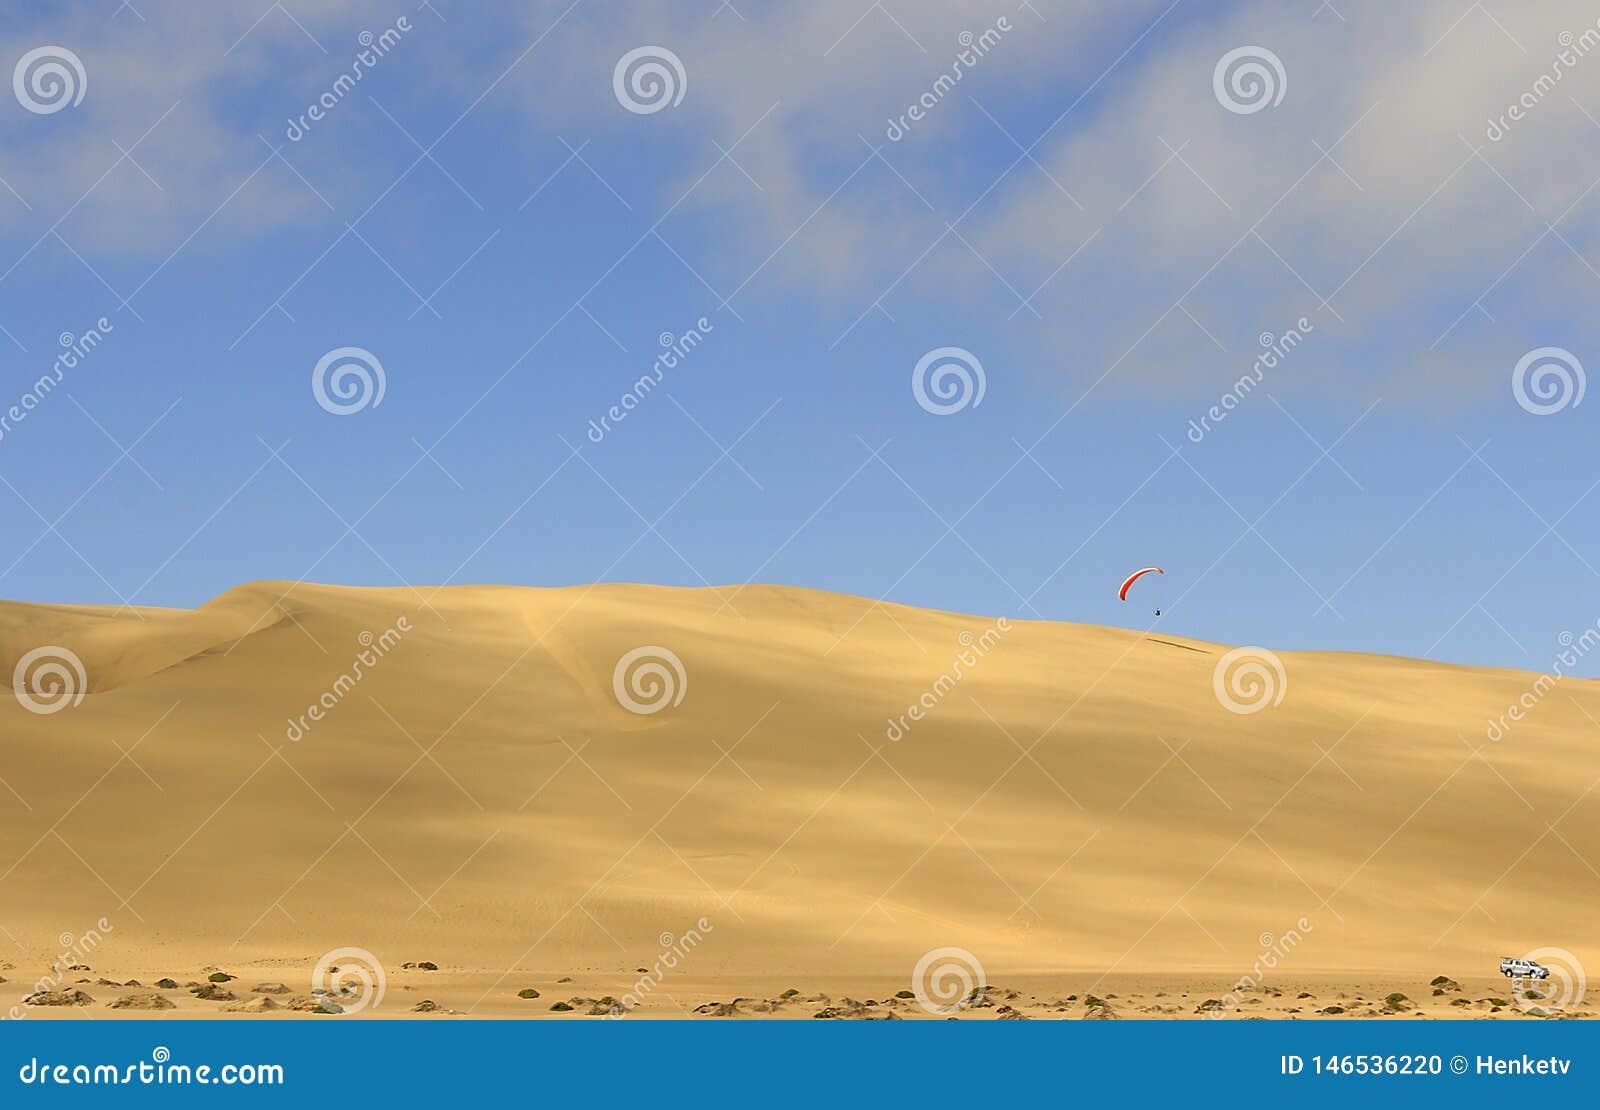 O esporte do salto da duna de areia e de executar manobras acrob?ticas no ar durante a queda livre antes de aterrar pelo paraqued